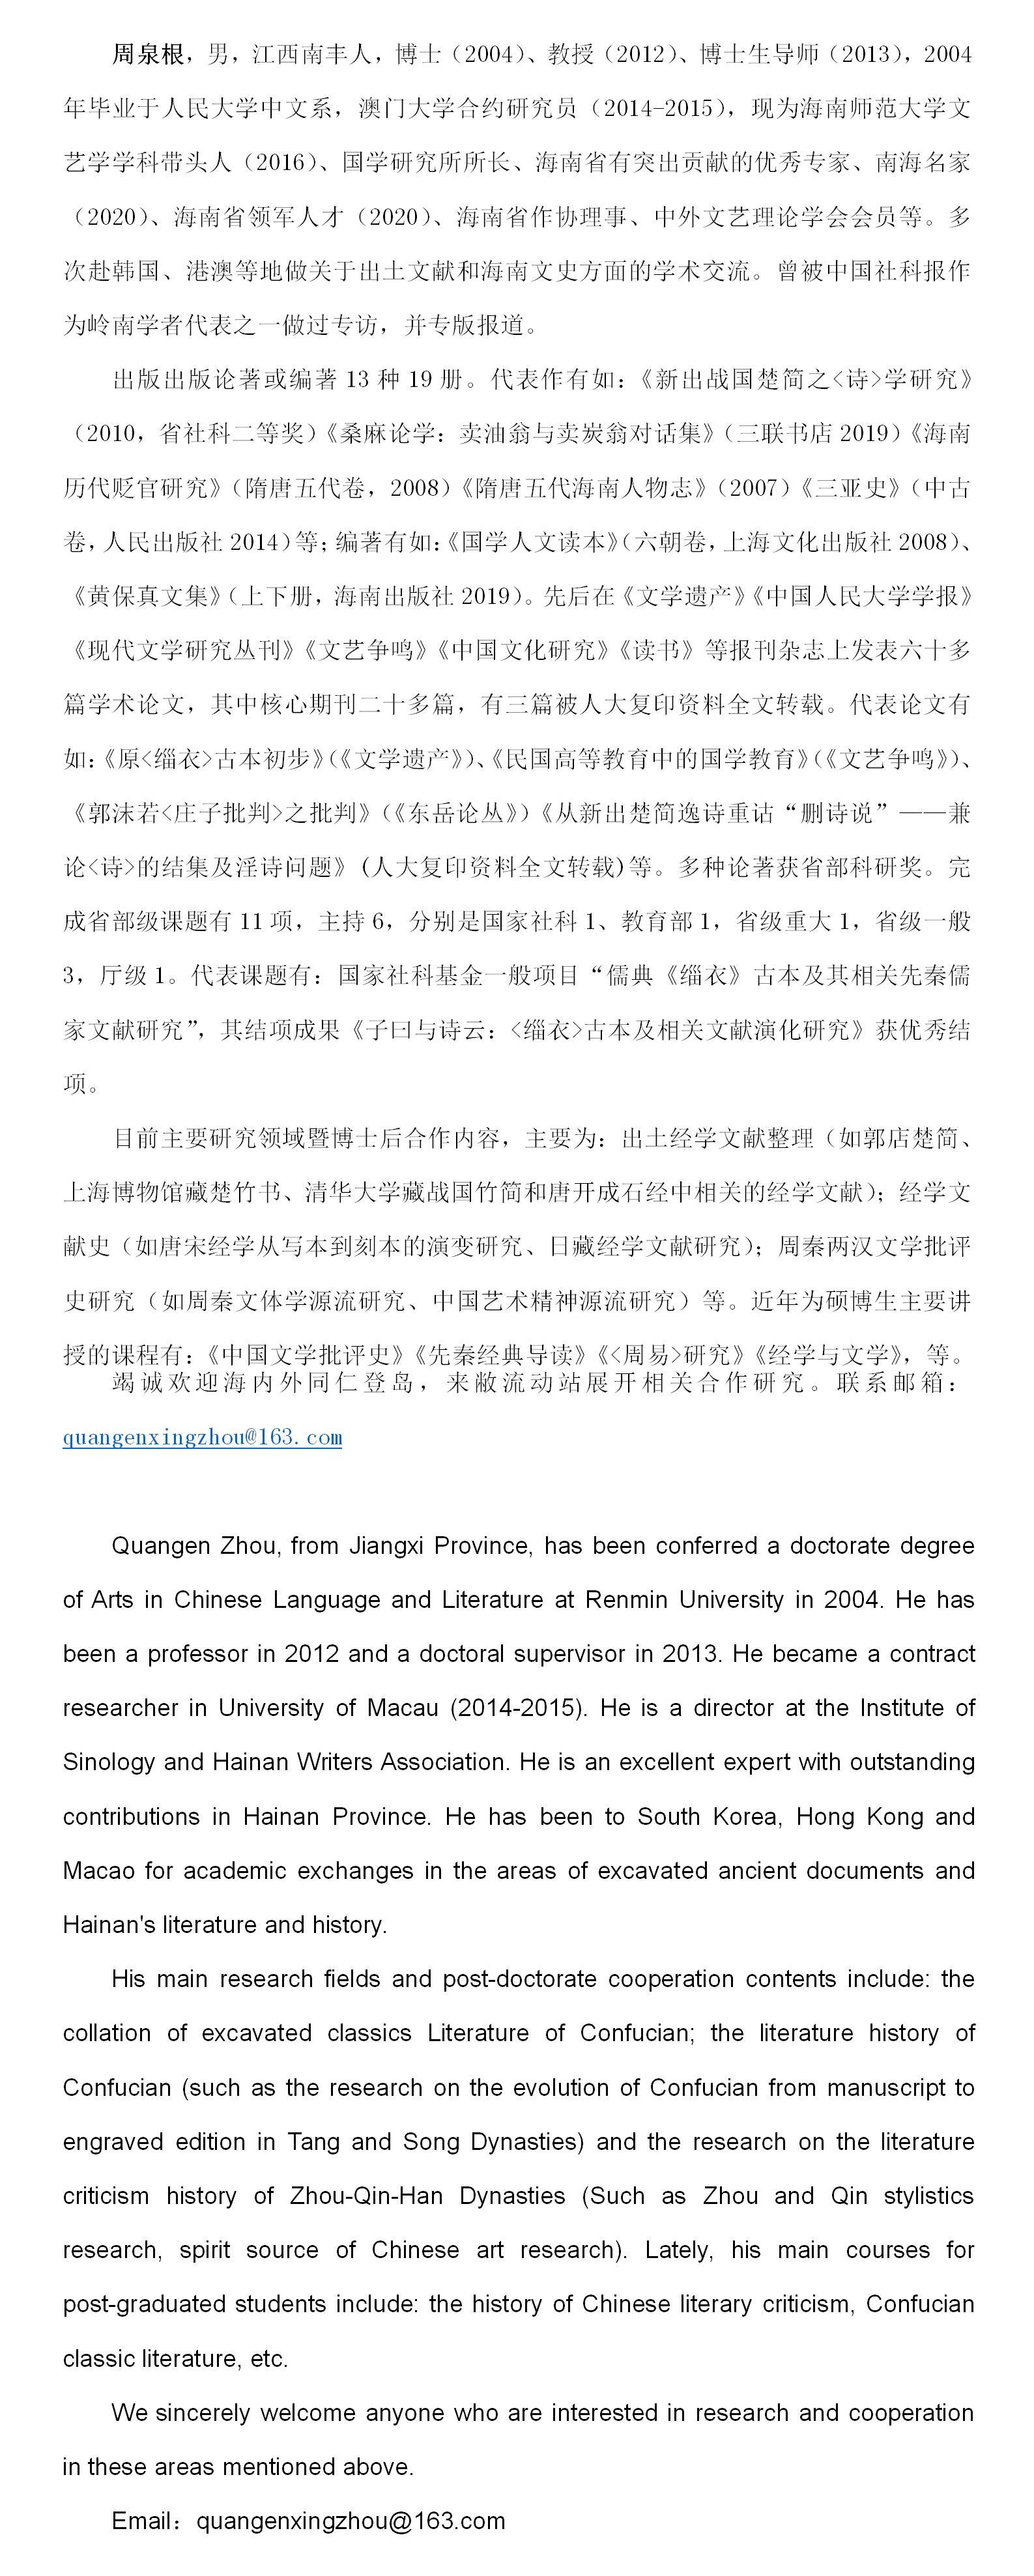 中國語言文學-周泉根